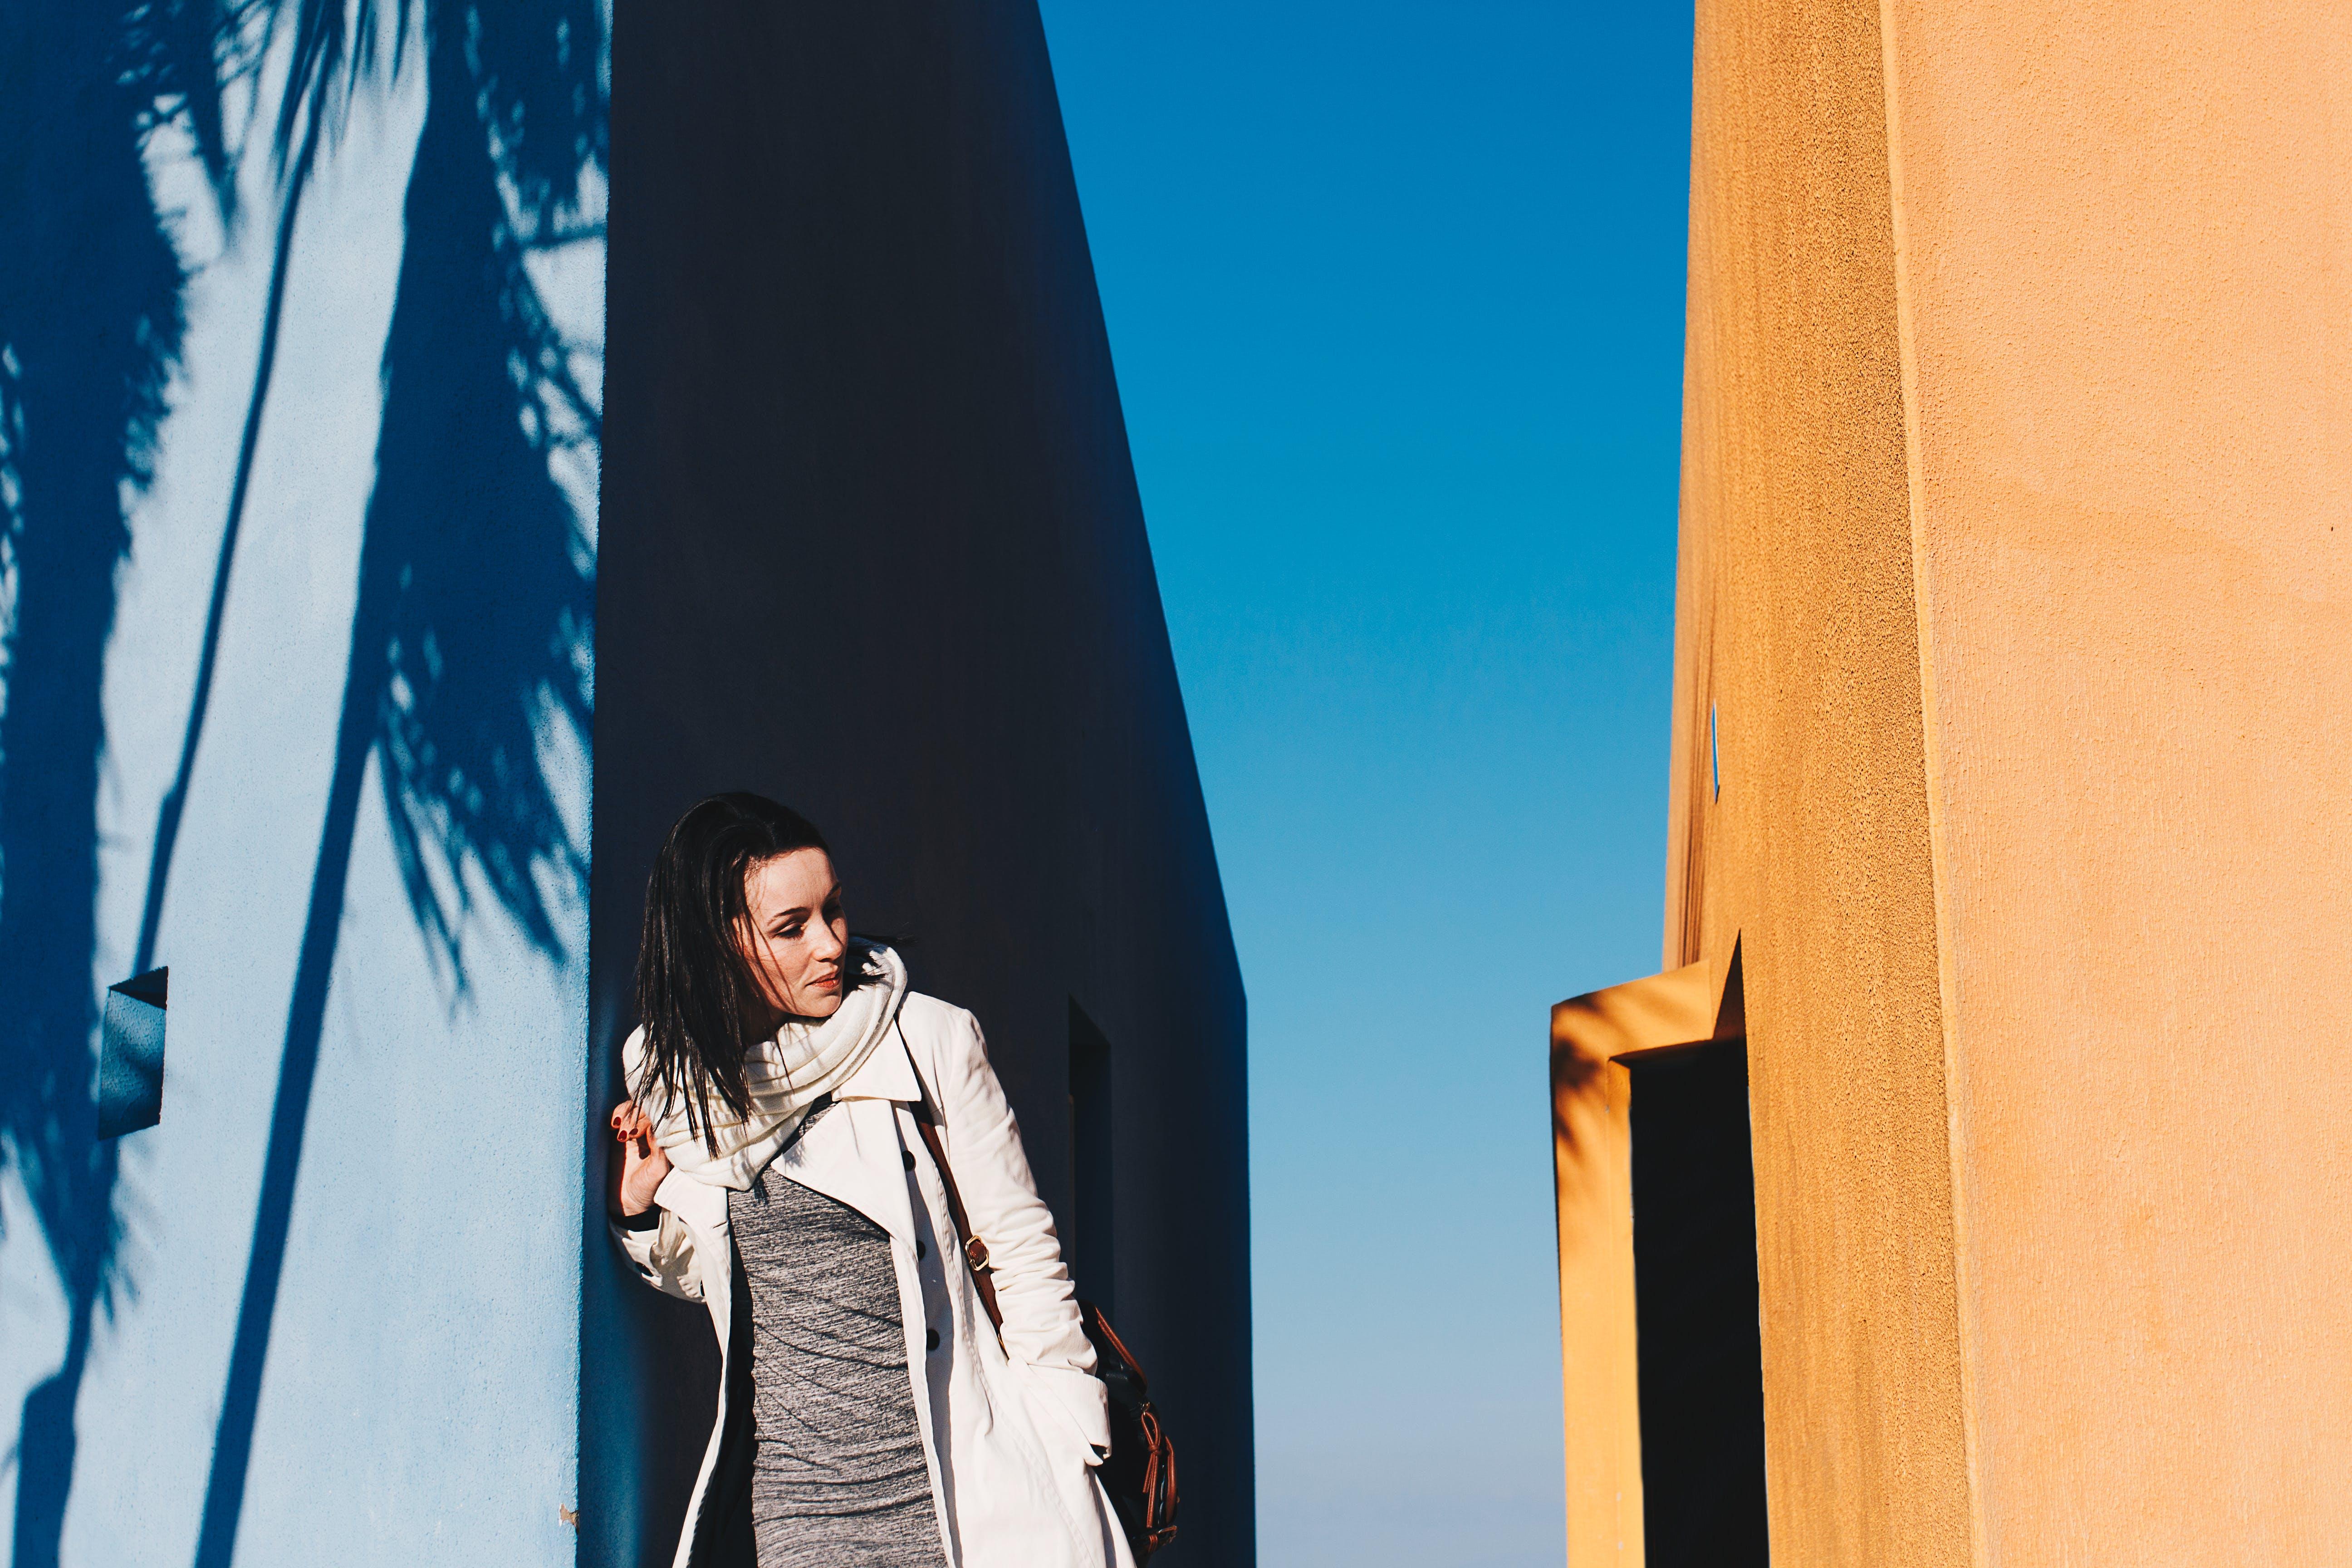 Kostenloses Stock Foto zu architektur, blauer himmel, draußen, erwachsener